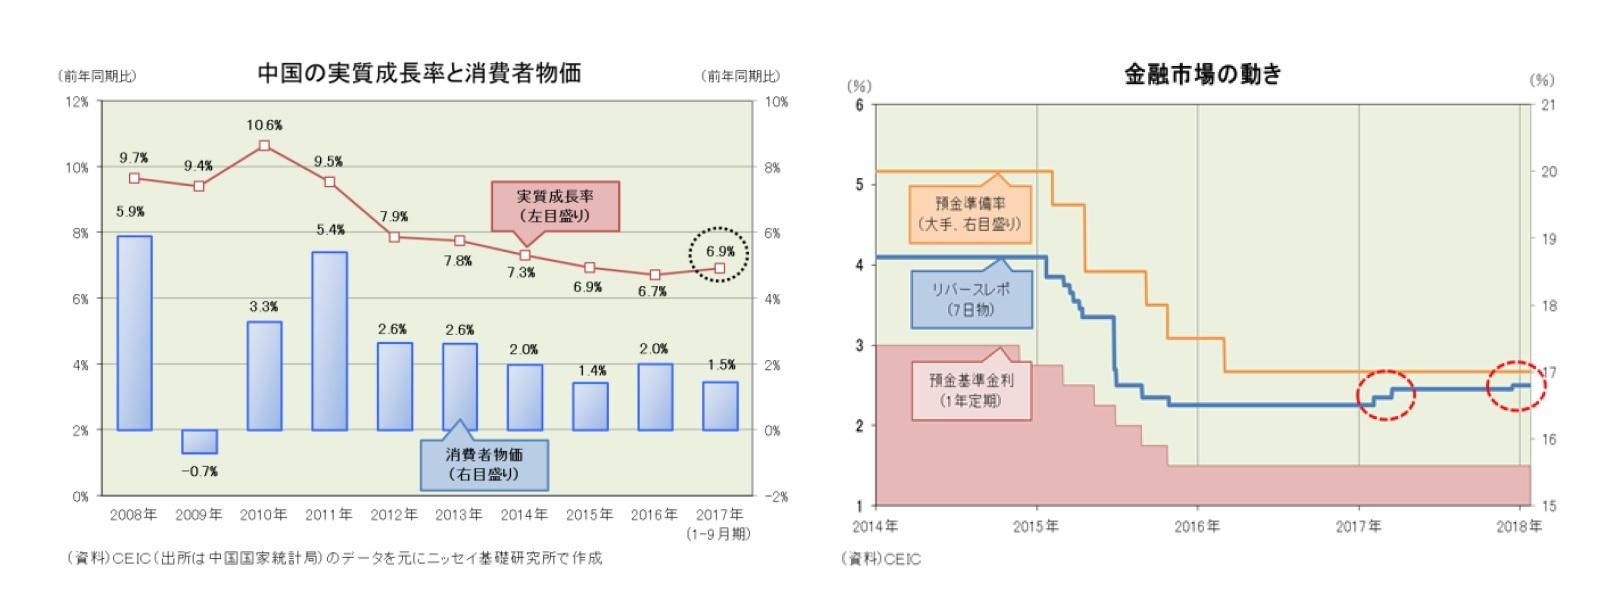 中国の実質成長率と消費者物価/金融市場の動き